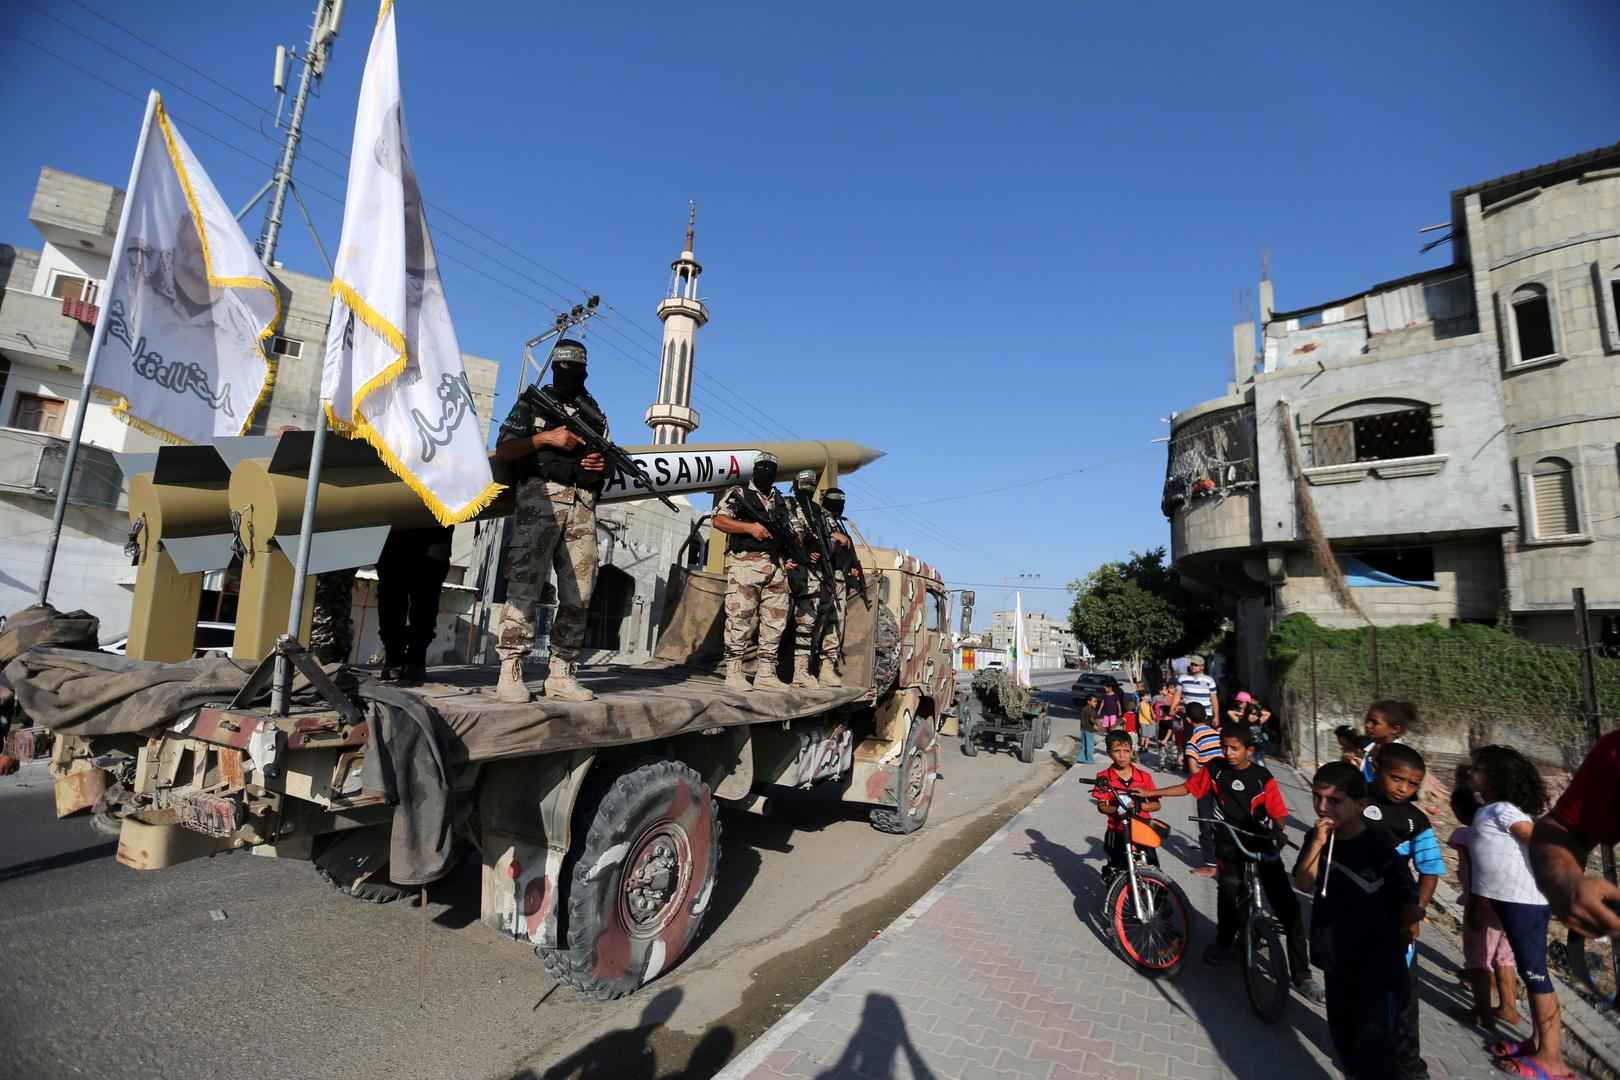 """عناصر من كتائب القسام، الجناح العسكري لحركة """"حماس""""، يعرضون صواريخ محلية الصنع خلال عرض عسكري."""